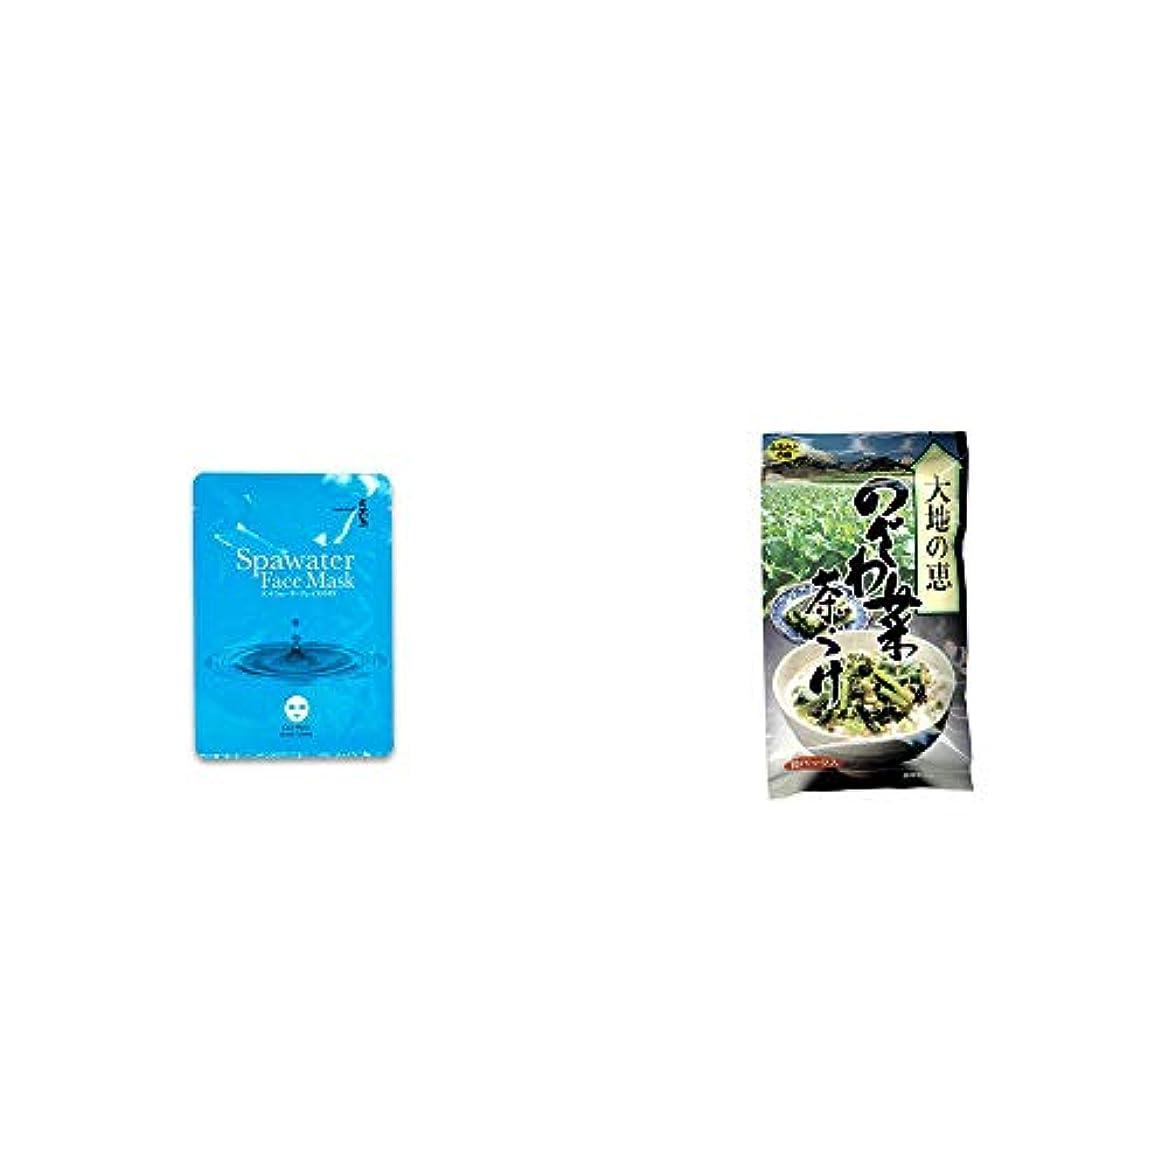 ペンス誘発する甲虫[2点セット] ひのき炭黒泉 スパウォーターフェイスマスク(18ml×3枚入)?特選茶漬け 大地の恵 のざわ菜茶づけ(10袋入)